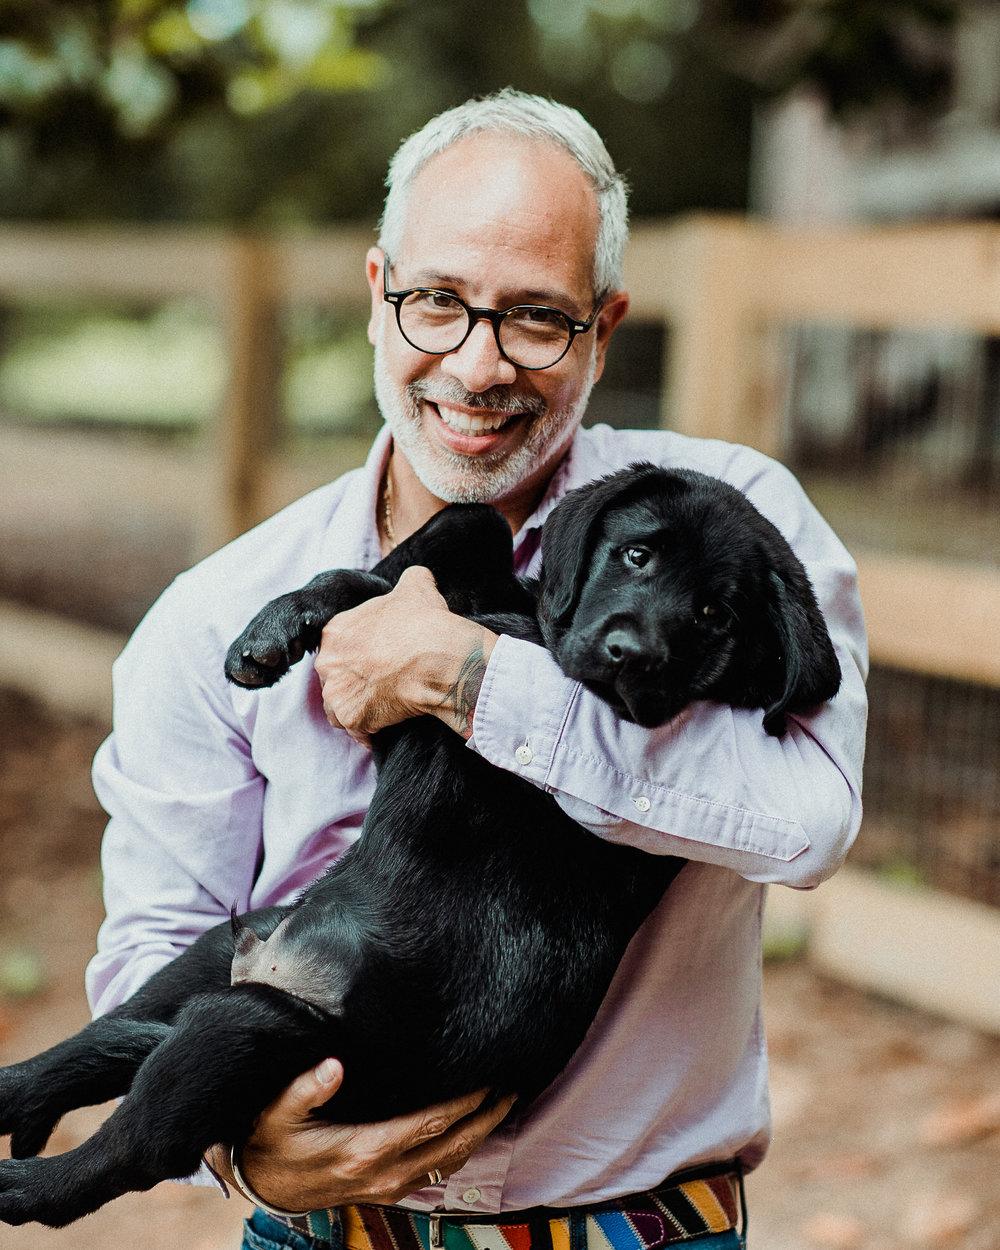 E. Vincent Martinez & puppy Vincent